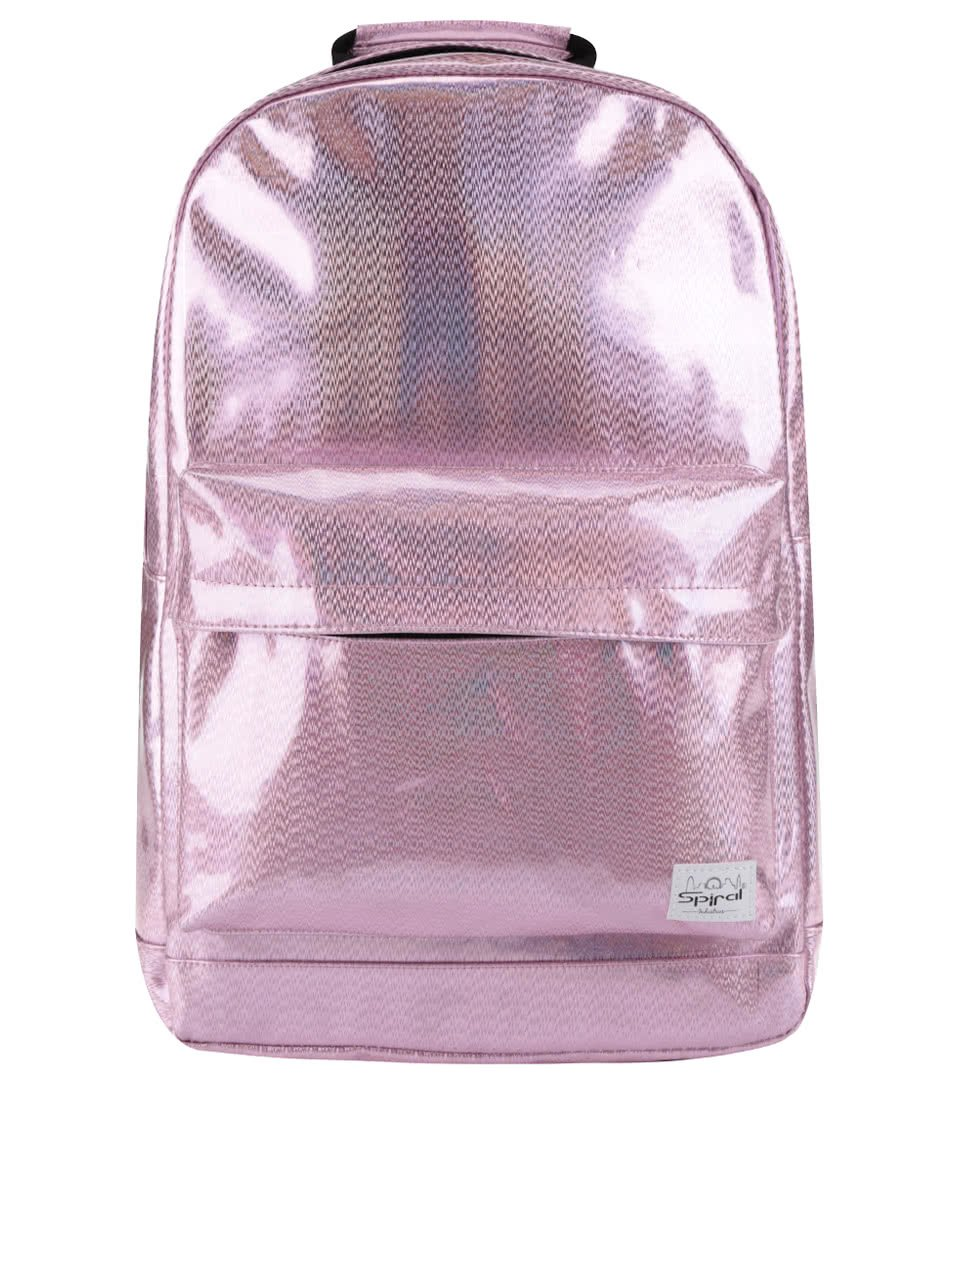 Světle růžový dámský holografický batoh Spiral Glitz 18 l